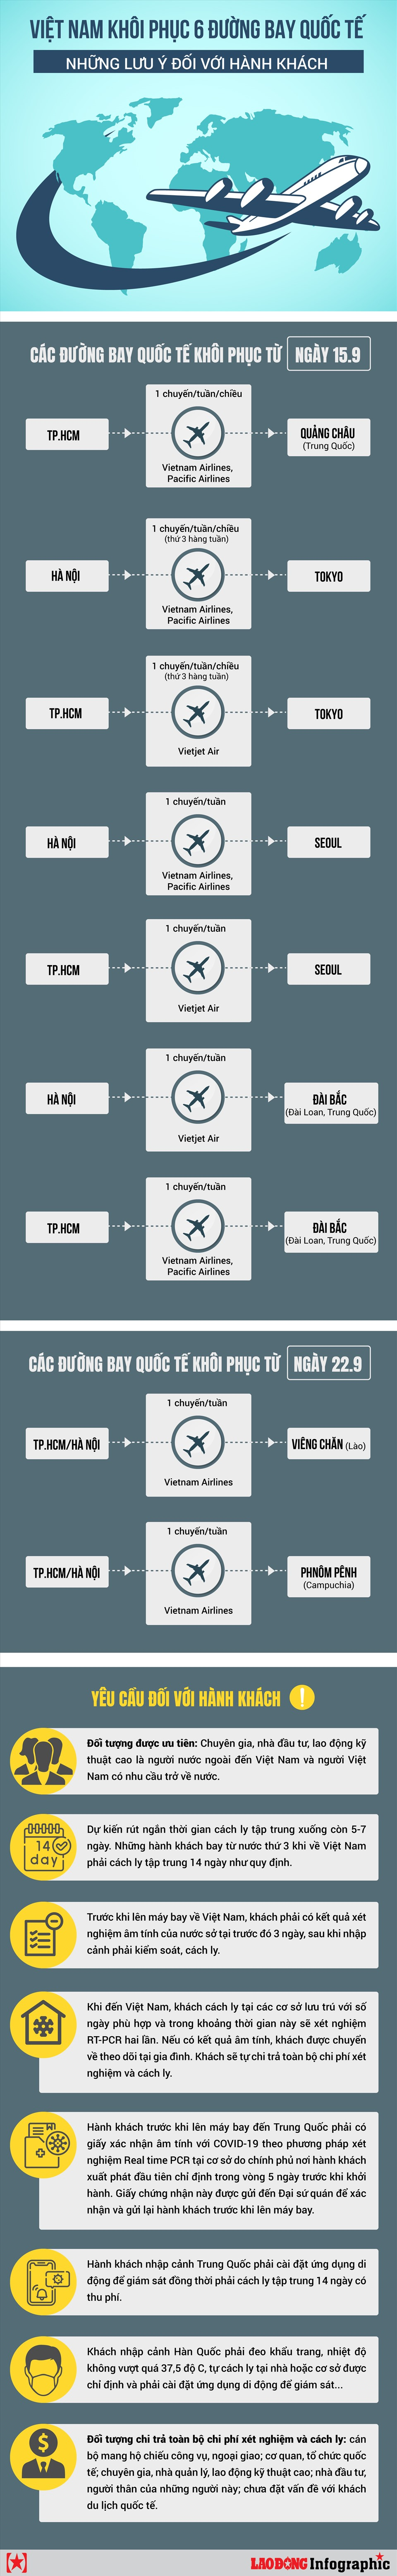 [Infographics] Việt Nam mở lại 6 đường bay quốc tế, hành khách cần lưu ý gì? - Ảnh 1